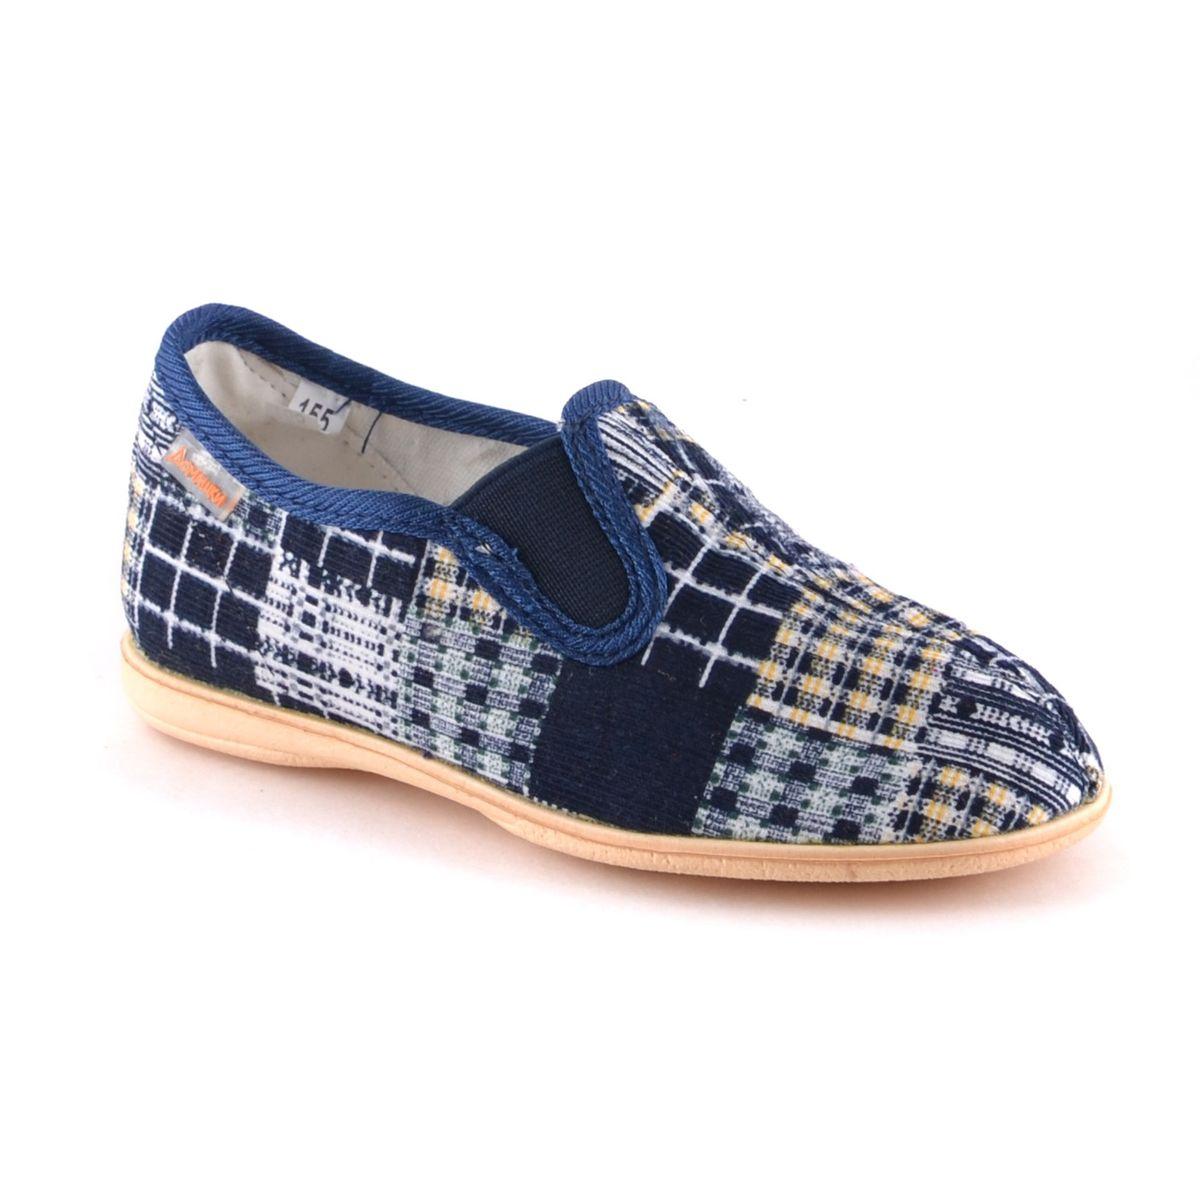 299-2в2Лёгкие домашние туфли. Для верха обуви использован вельвет,подкладка и стелька- байка, подошва-ЭВА. Главная отличительная особенность - усиленный задник, который препятствует вертикальной деформации и вылеганию задней части верха в процессе носки.